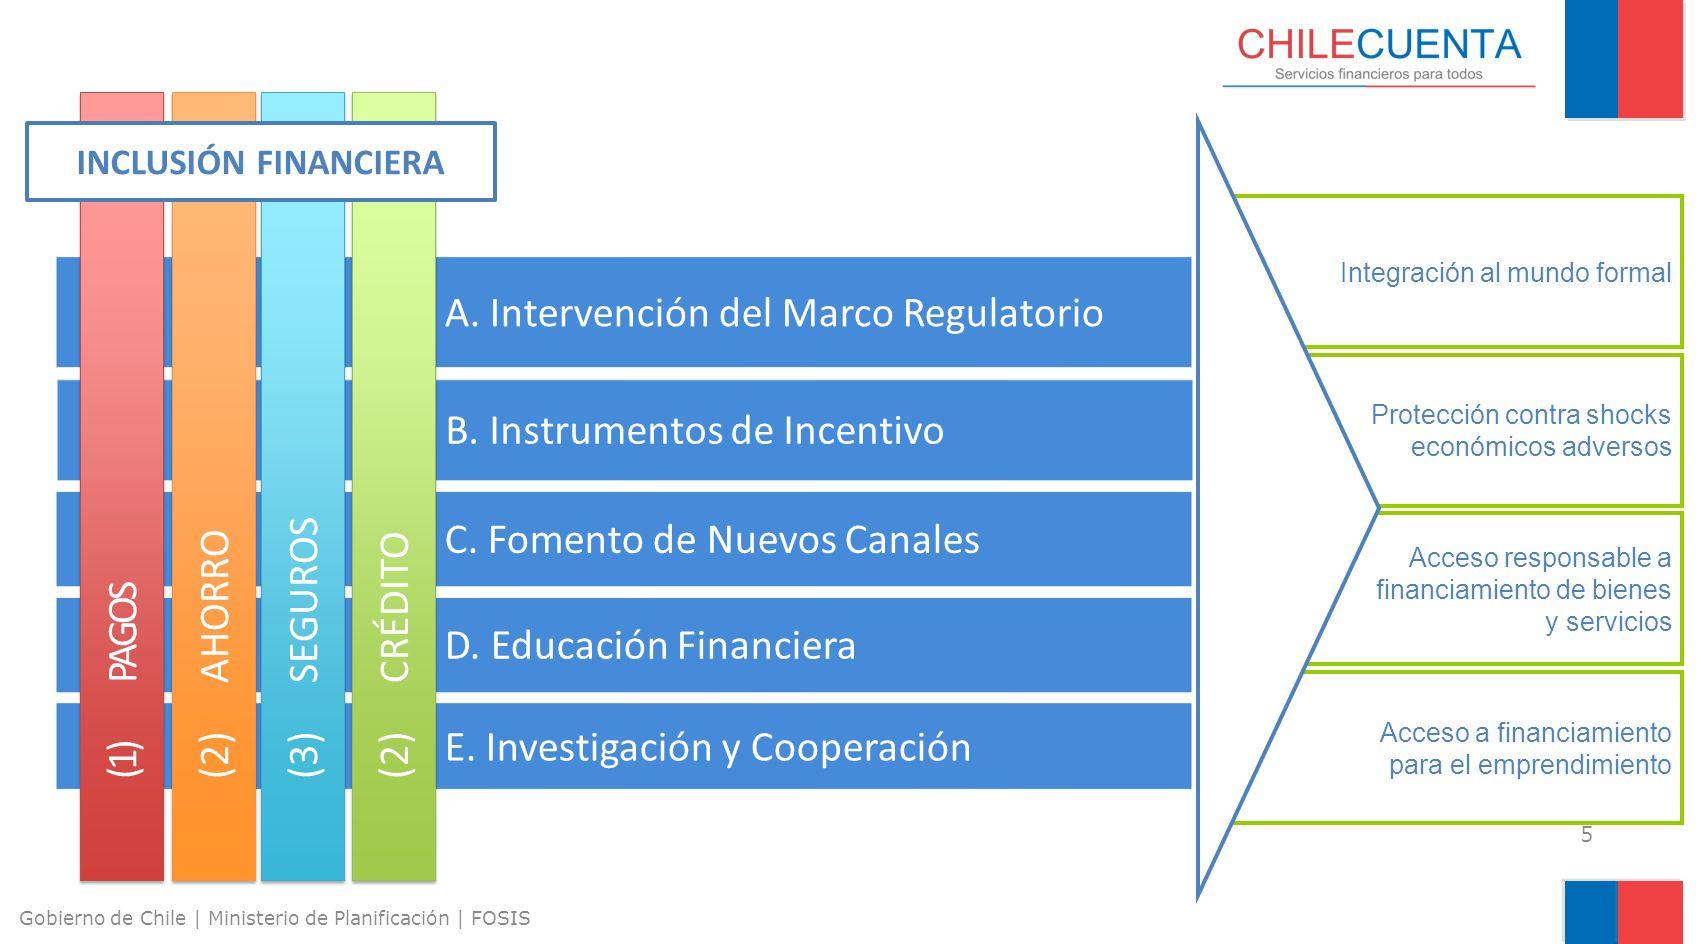 Protección contra shocks económicos adversos UNIDAD INCLUSIÓN FINANCIERA Diseño Estratégico 6 OBJETIVO ESTRATÉGICOINDICADOR TIPO DE INDICADOR POS / 10.000 habs.